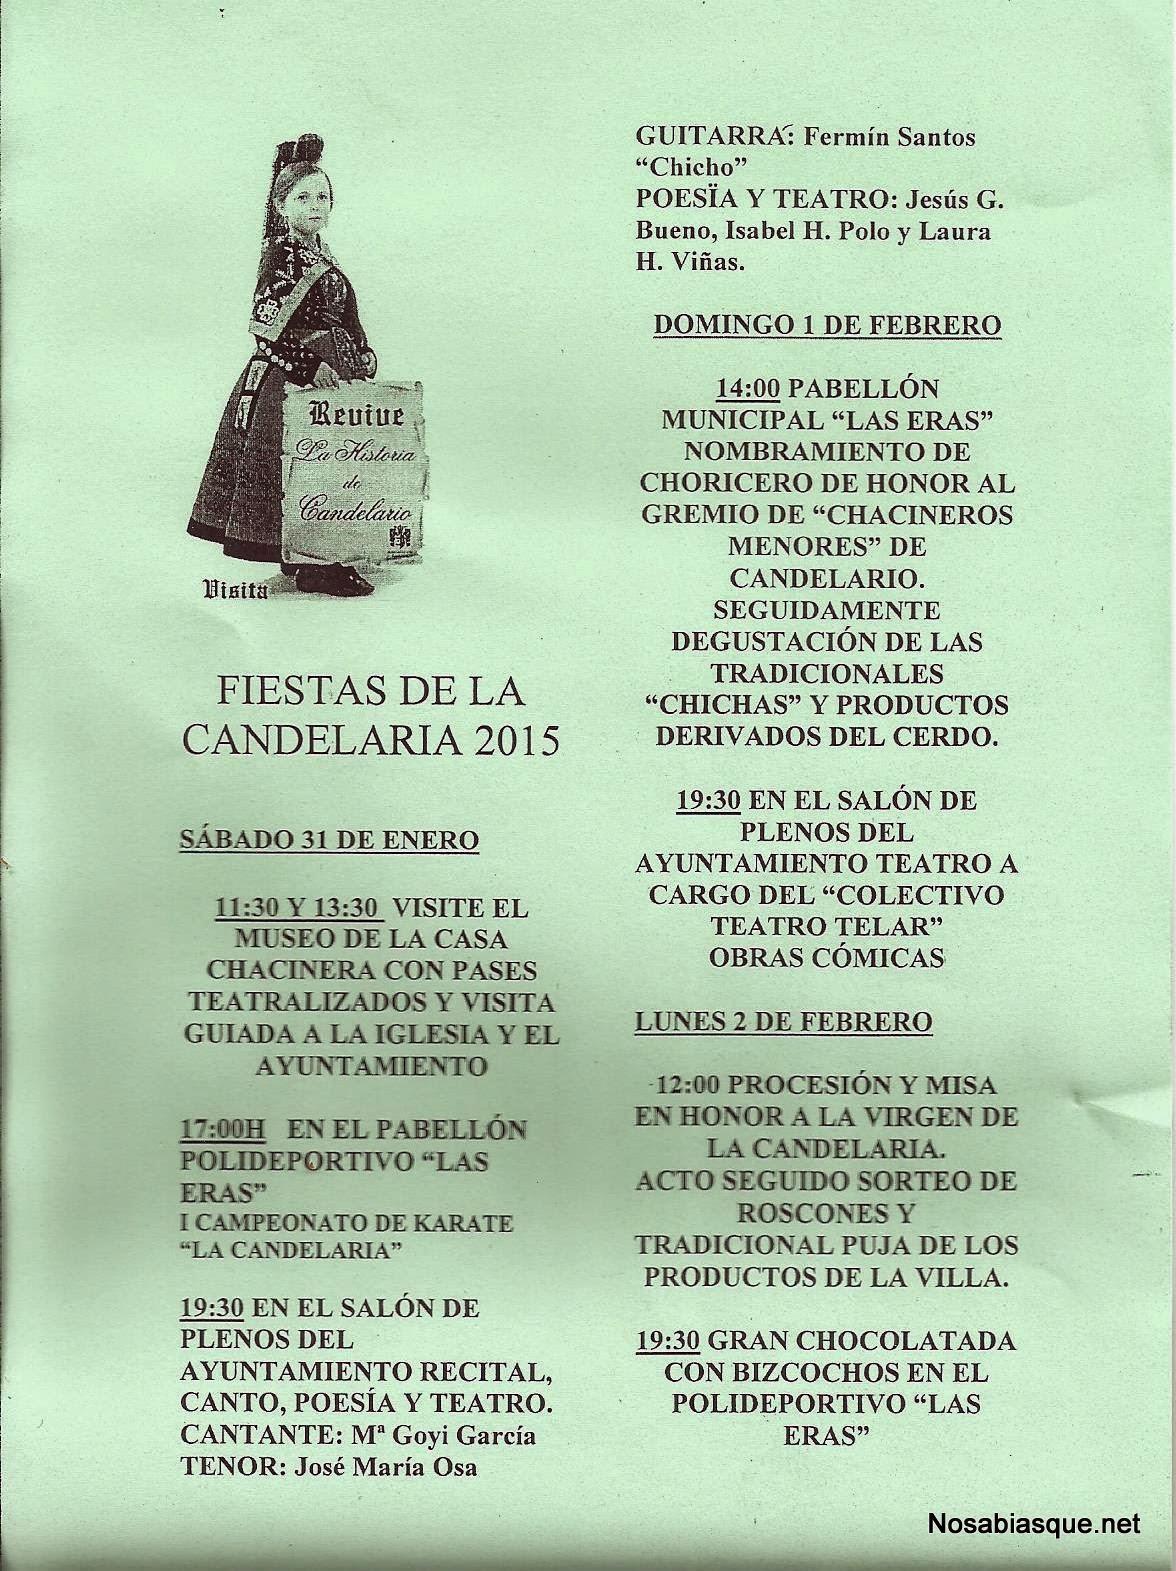 Cartel de las fiestas de la Candelaria 2015, en Candelario Salamanca